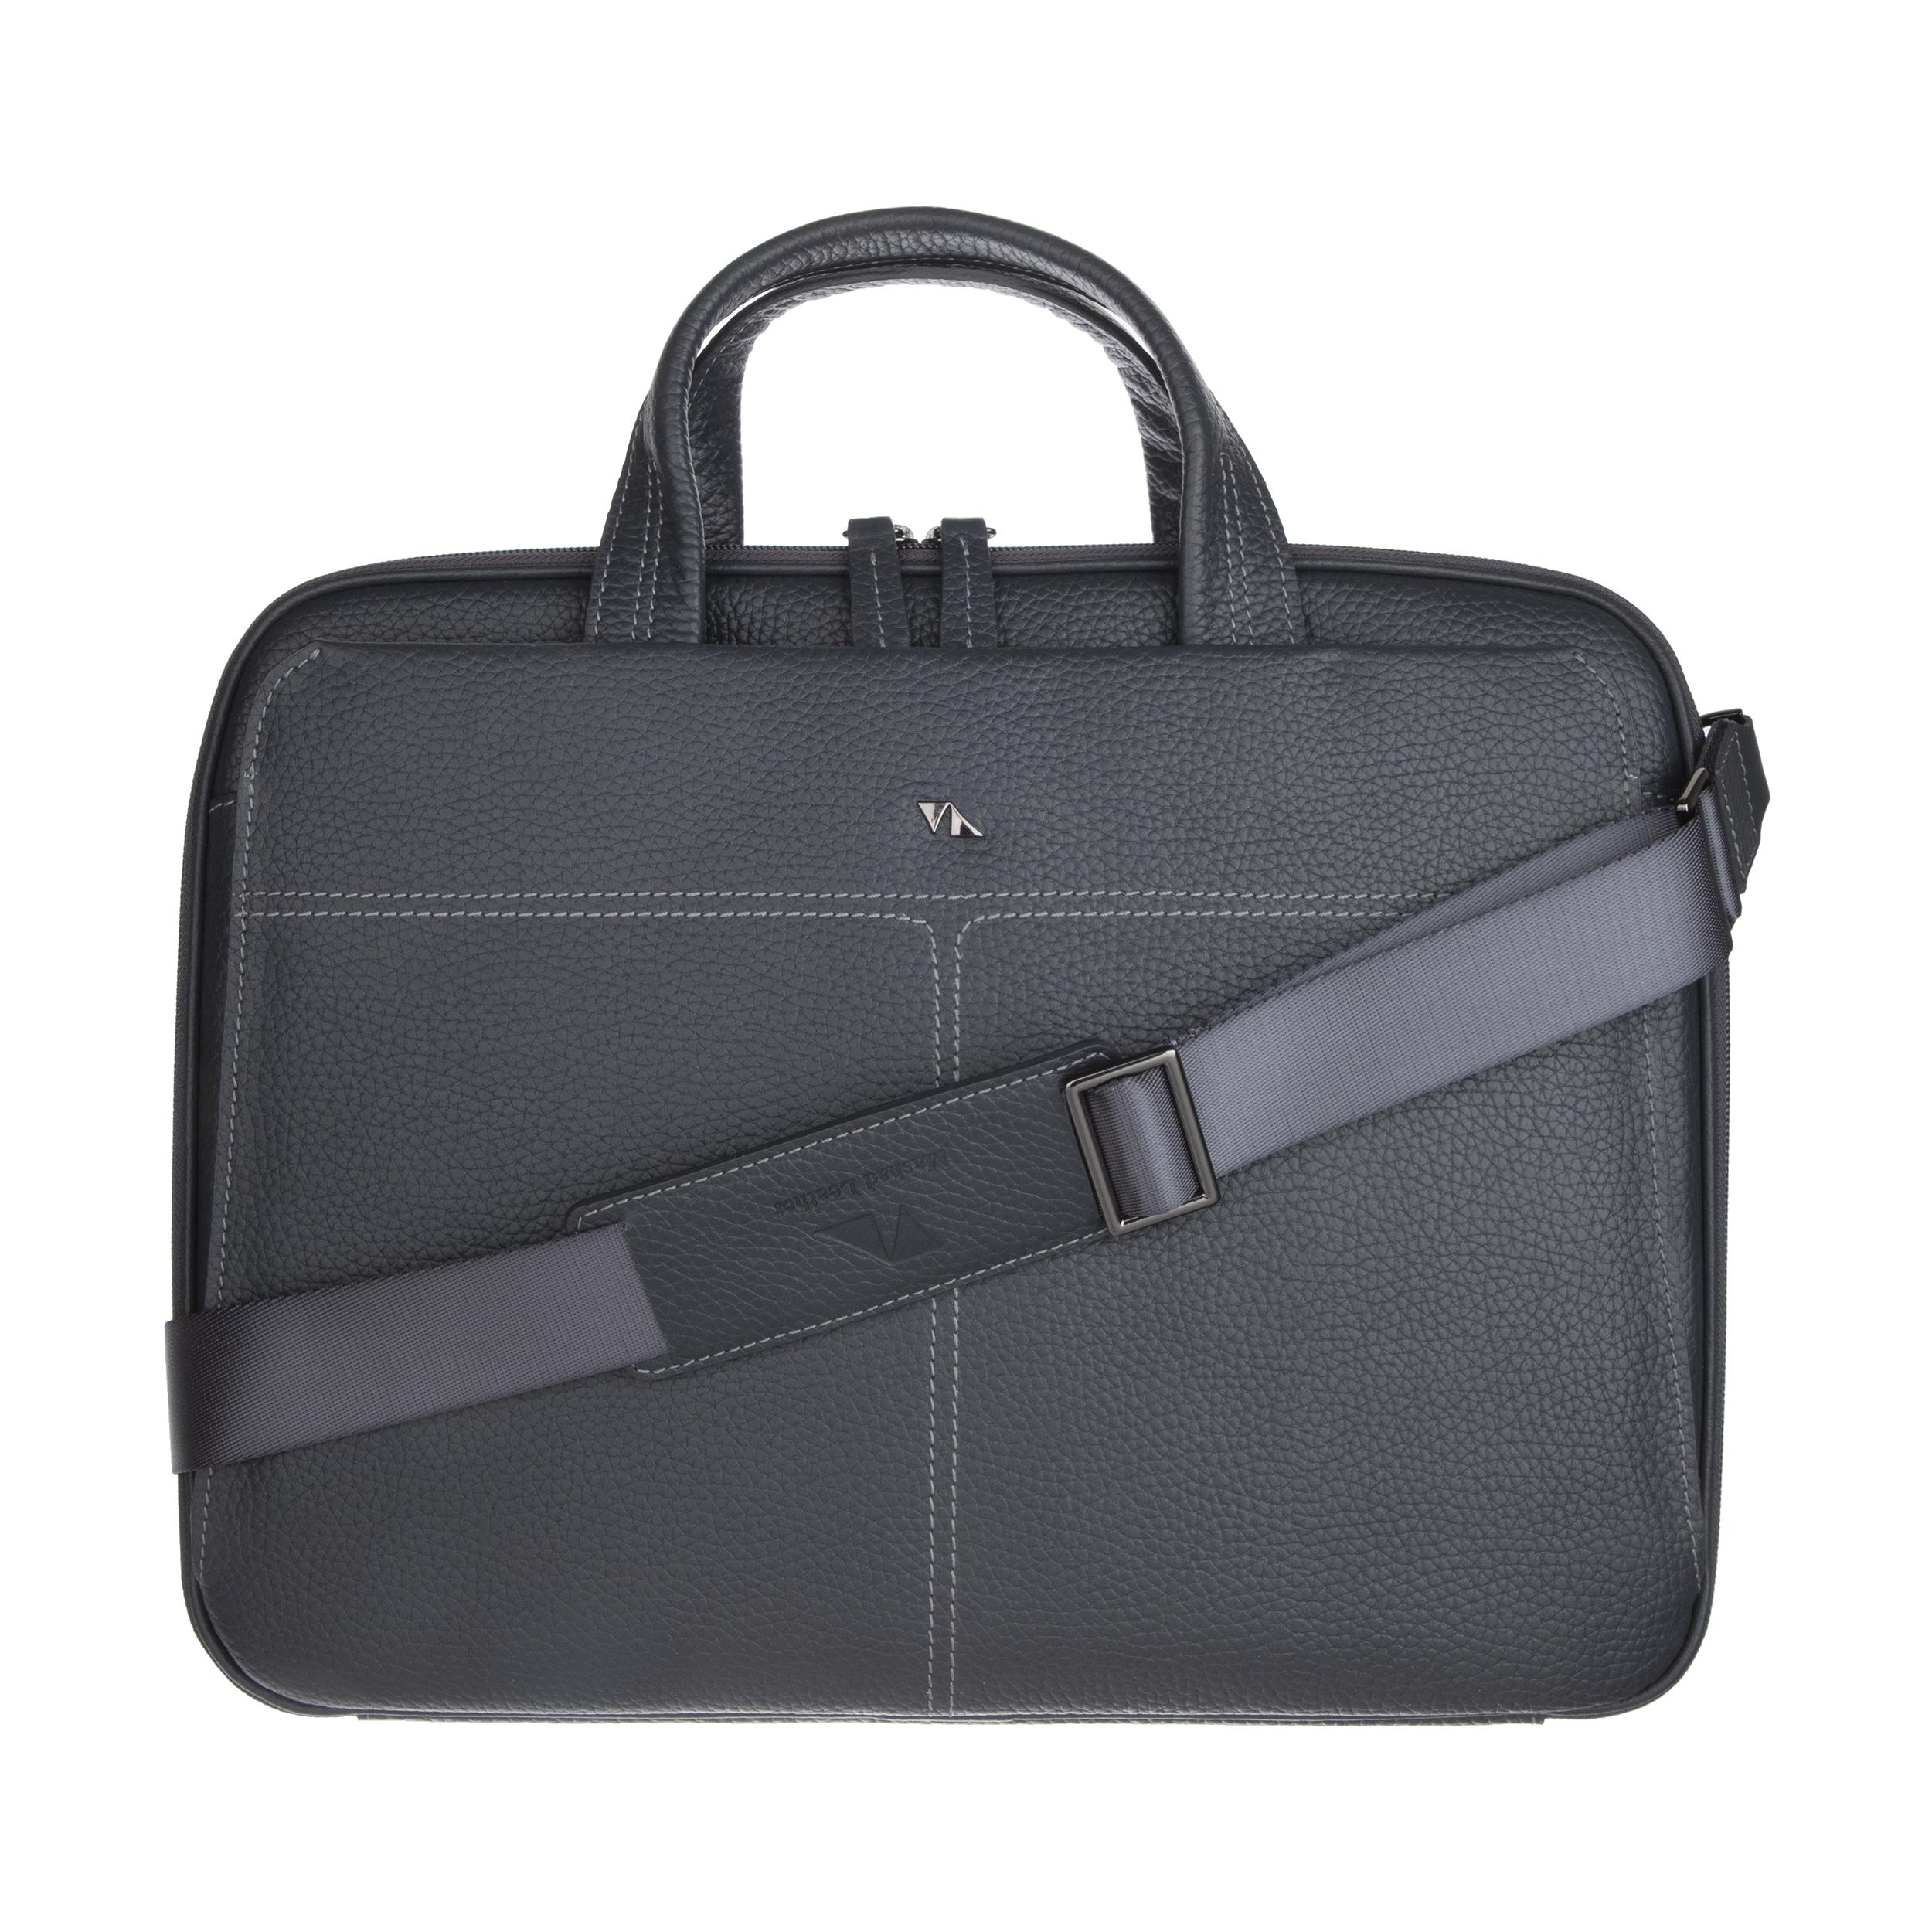 کیف اداری مردانه چرم مشهد مدل A5558-004